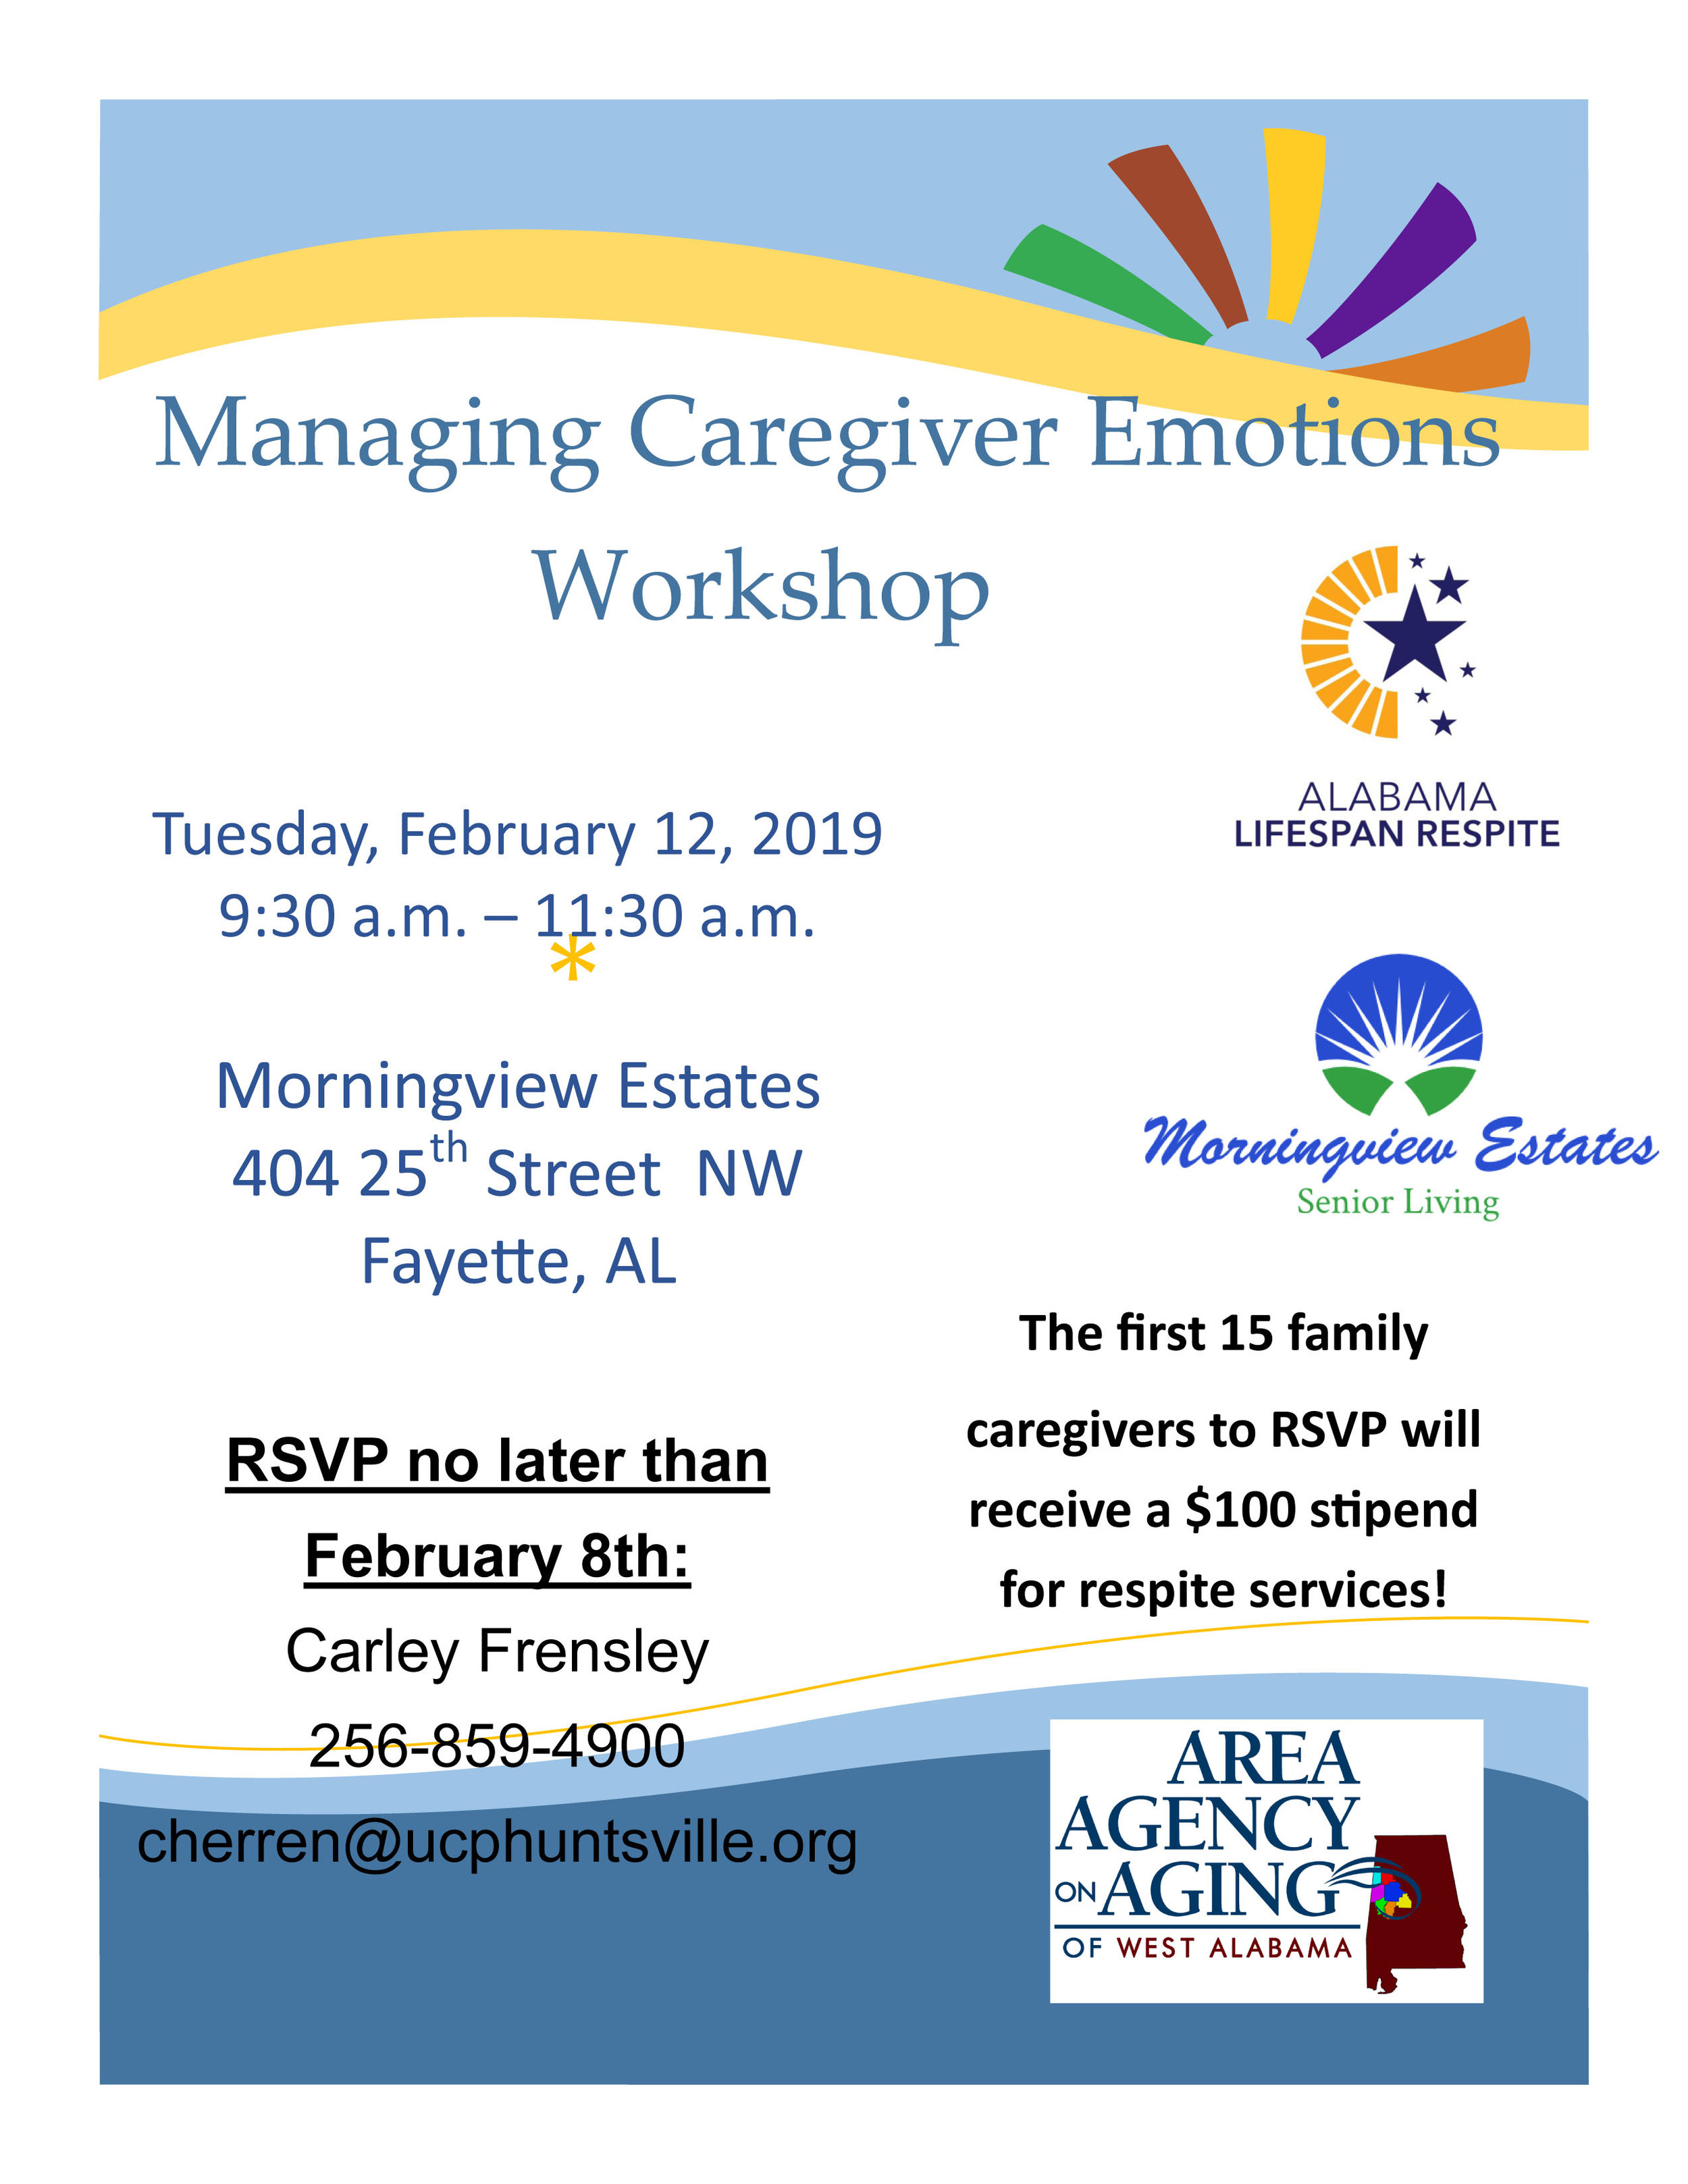 Fayette Caregiver Emotions Flier.jpg